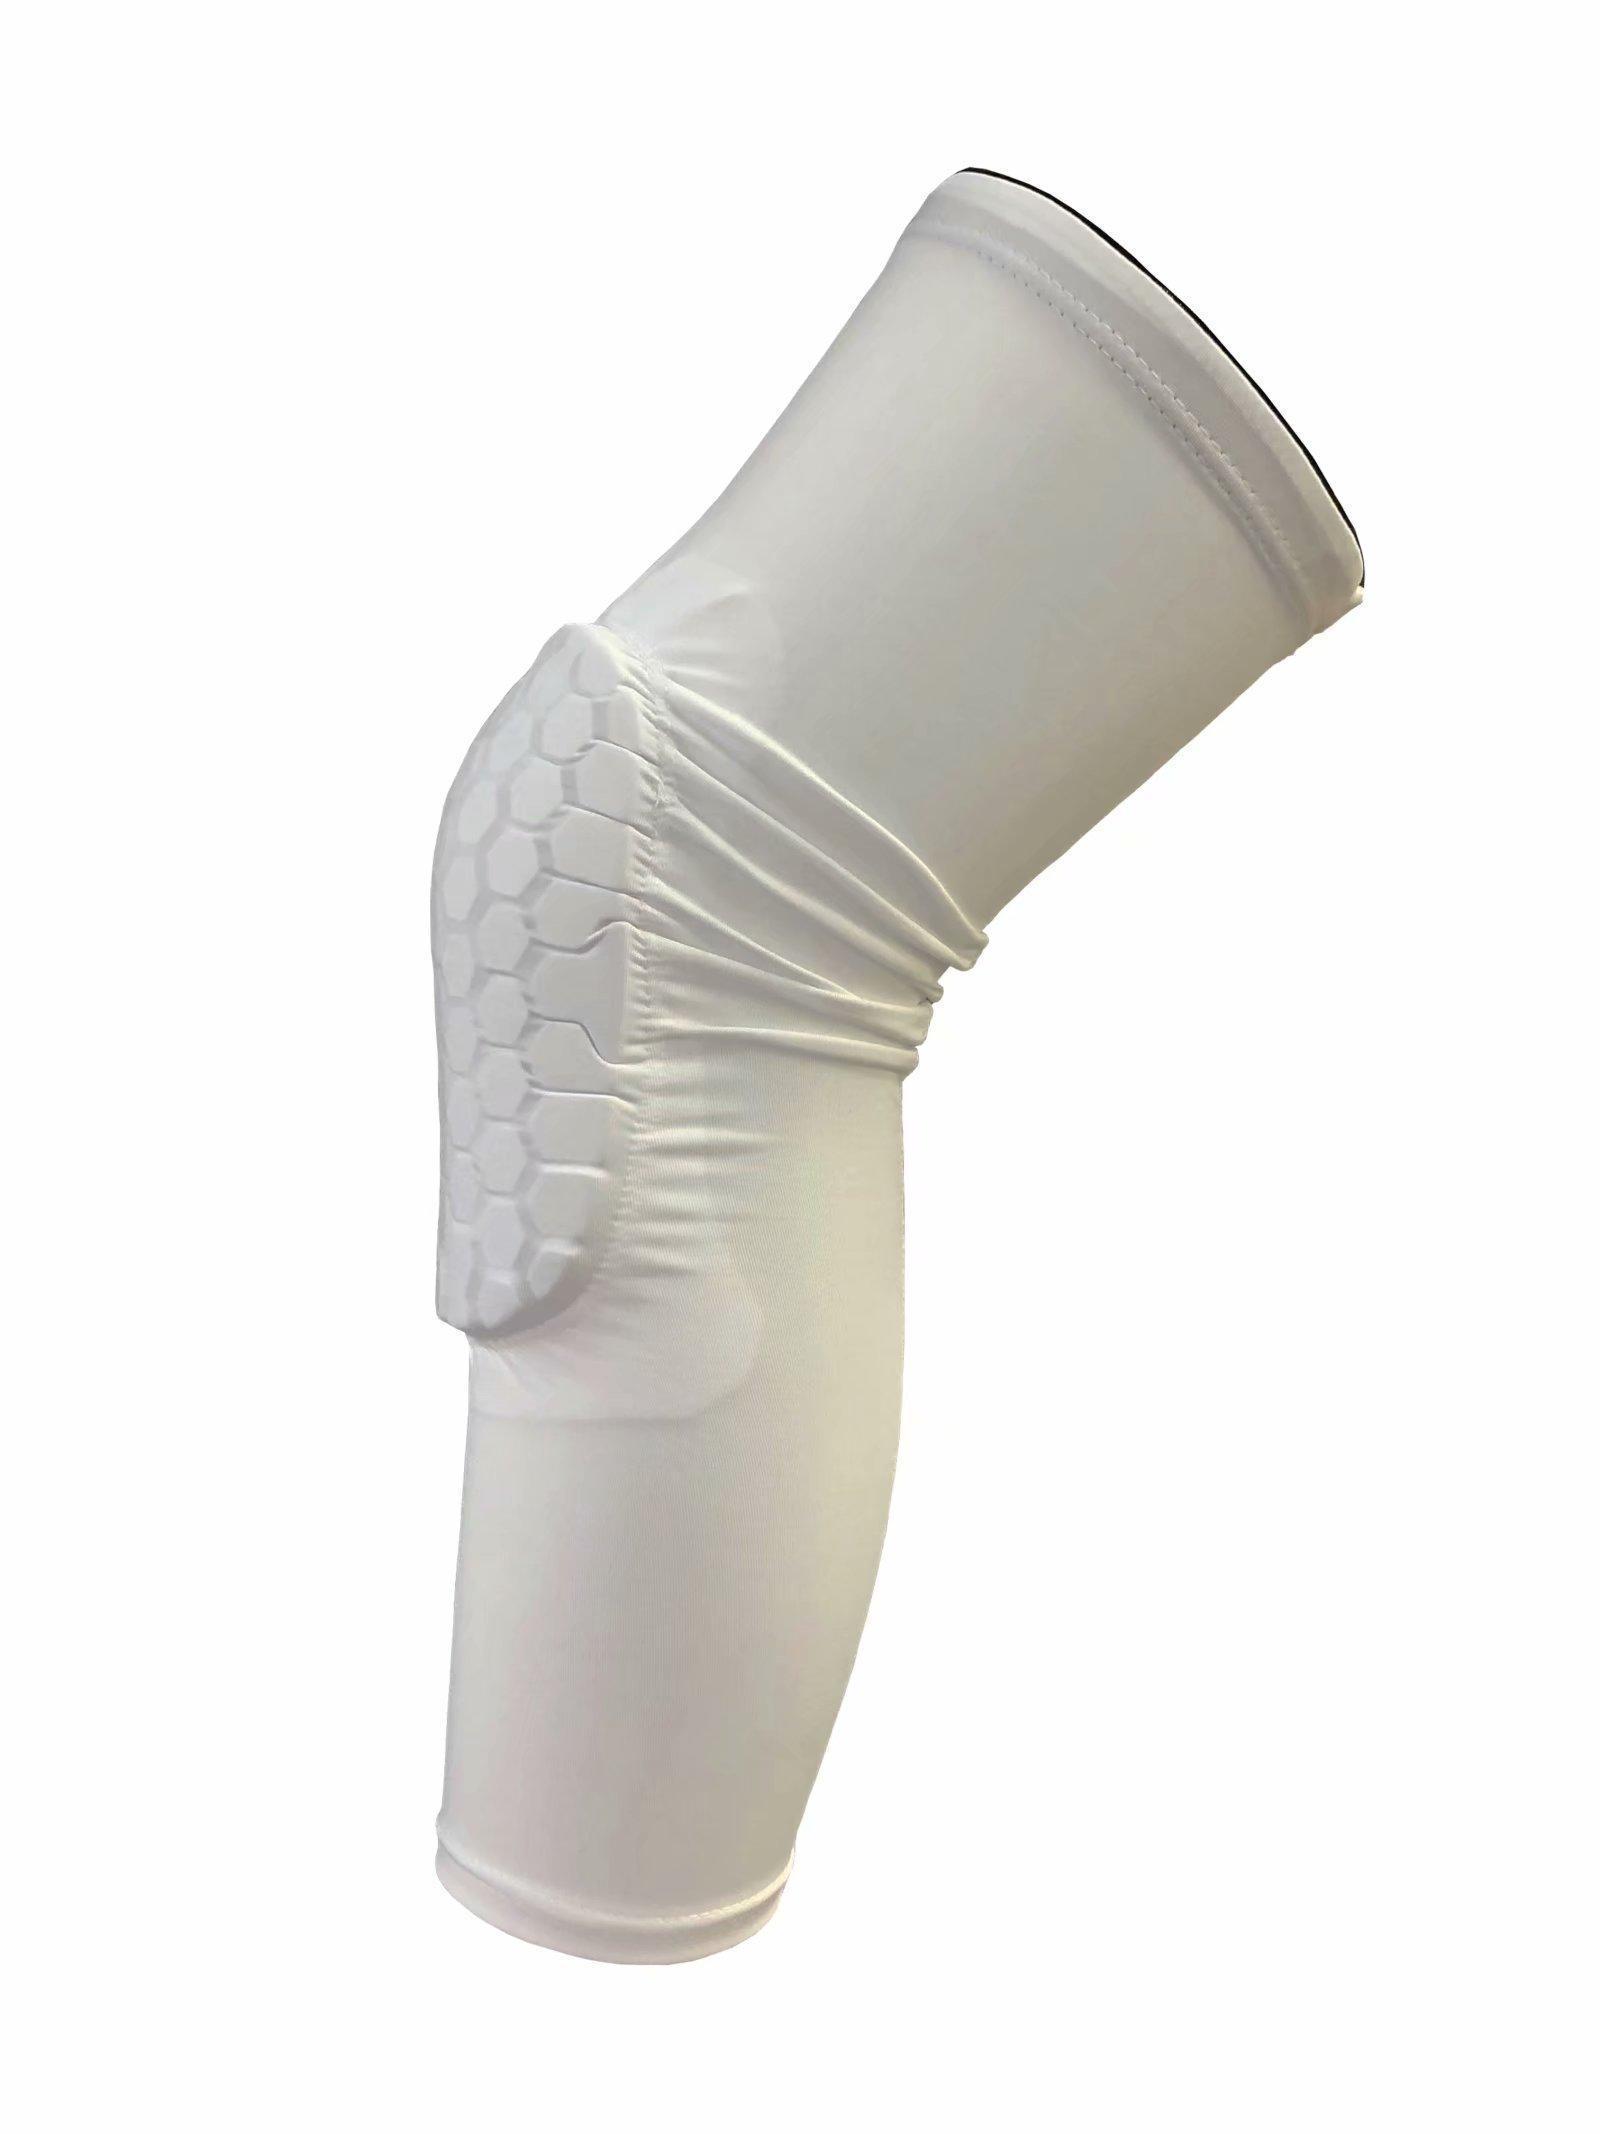 2019 genou de basket-ball de sécurité Tapis adulte / enfant Antislip pad en nid d'abeille Genouillère jambe compression mollet rotule vélo protège-genoux 10